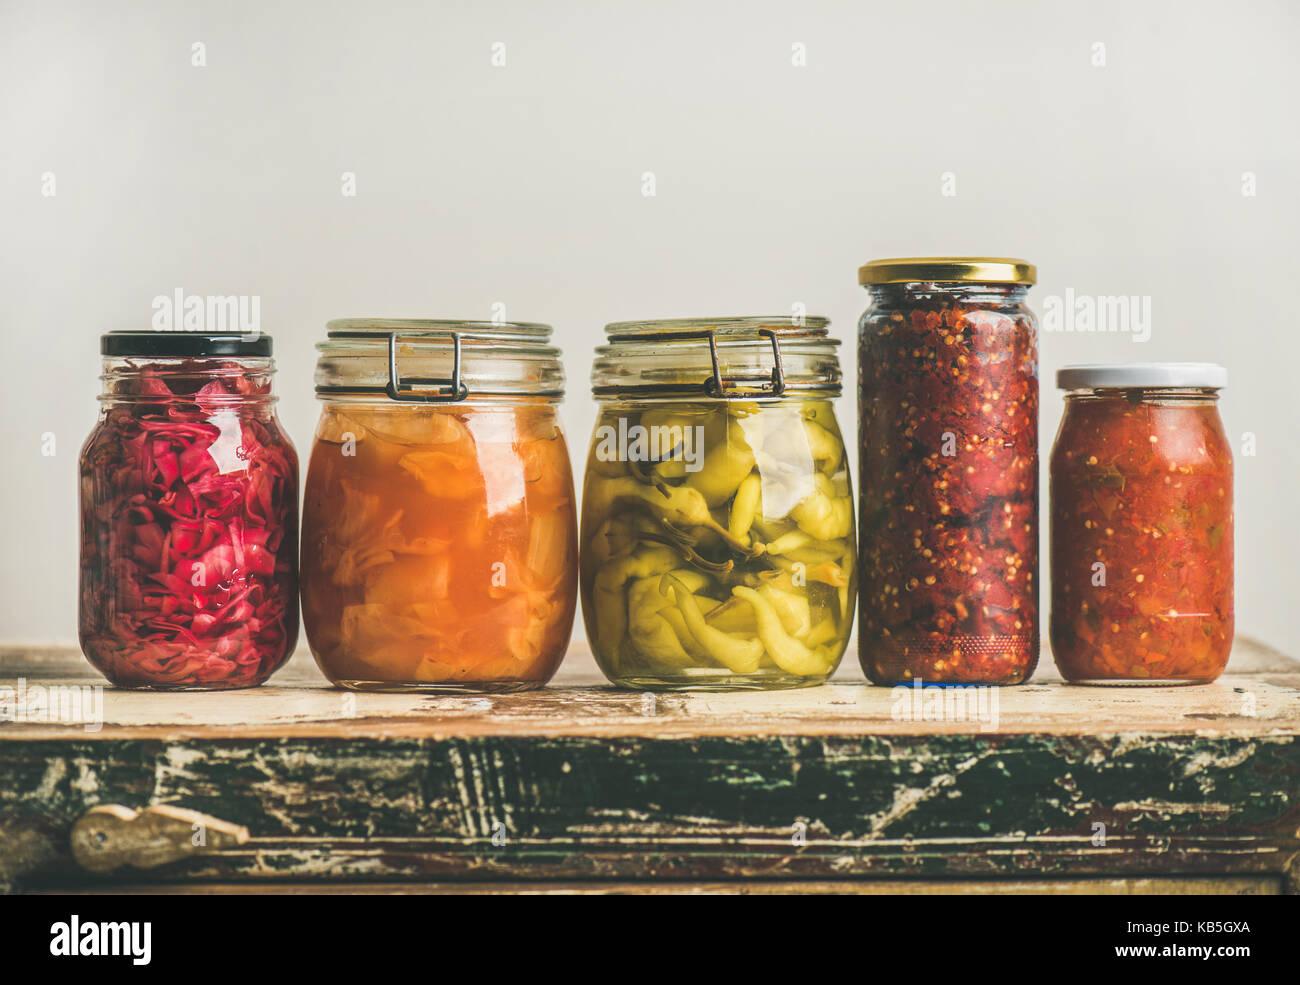 Herbst eingelegtes Buntes Gemüse in Gläsern in der Zeile platziert Stockbild